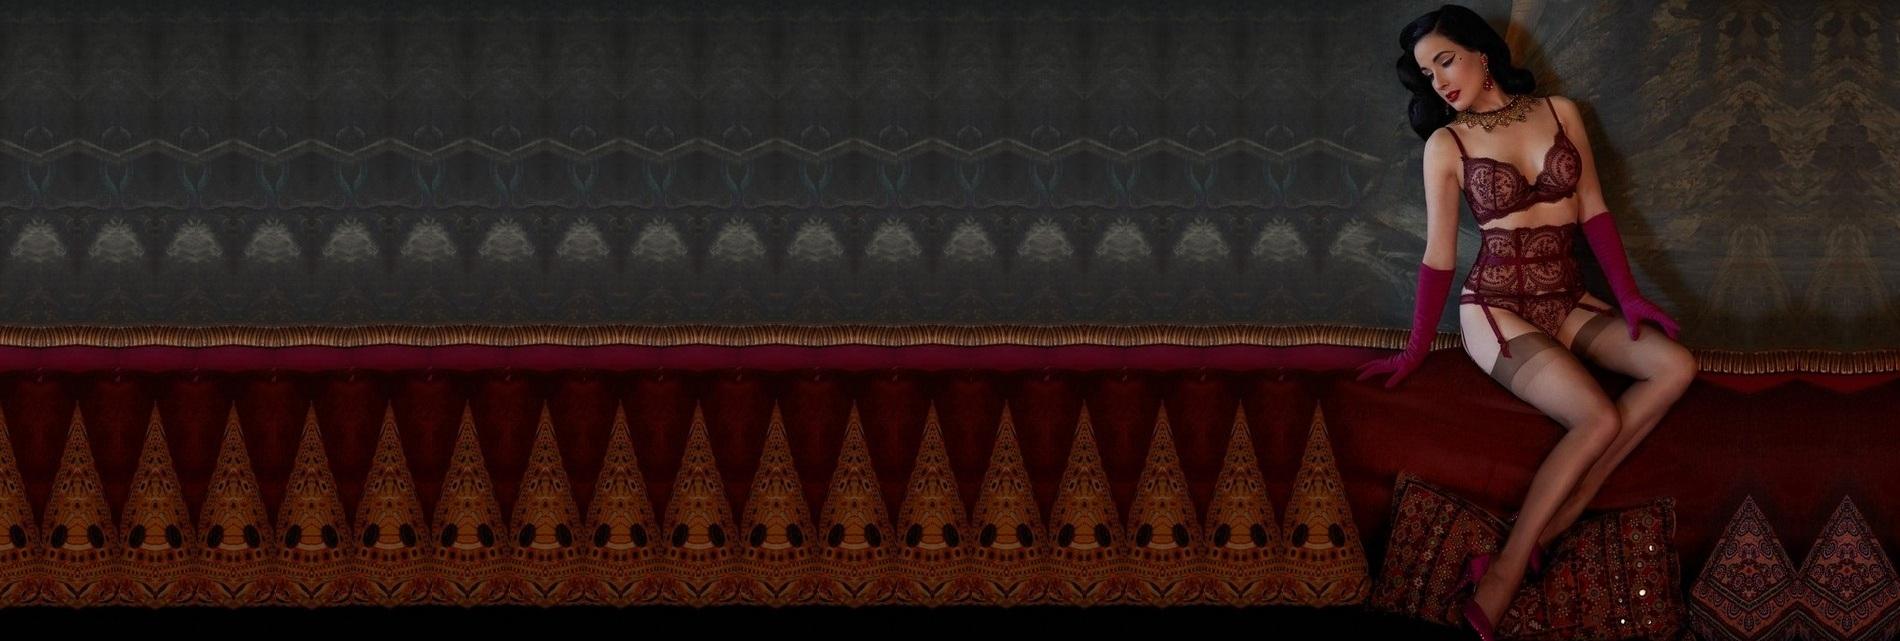 DVT Lingerie 309 Severine Dark CherryFINAL_1900x640